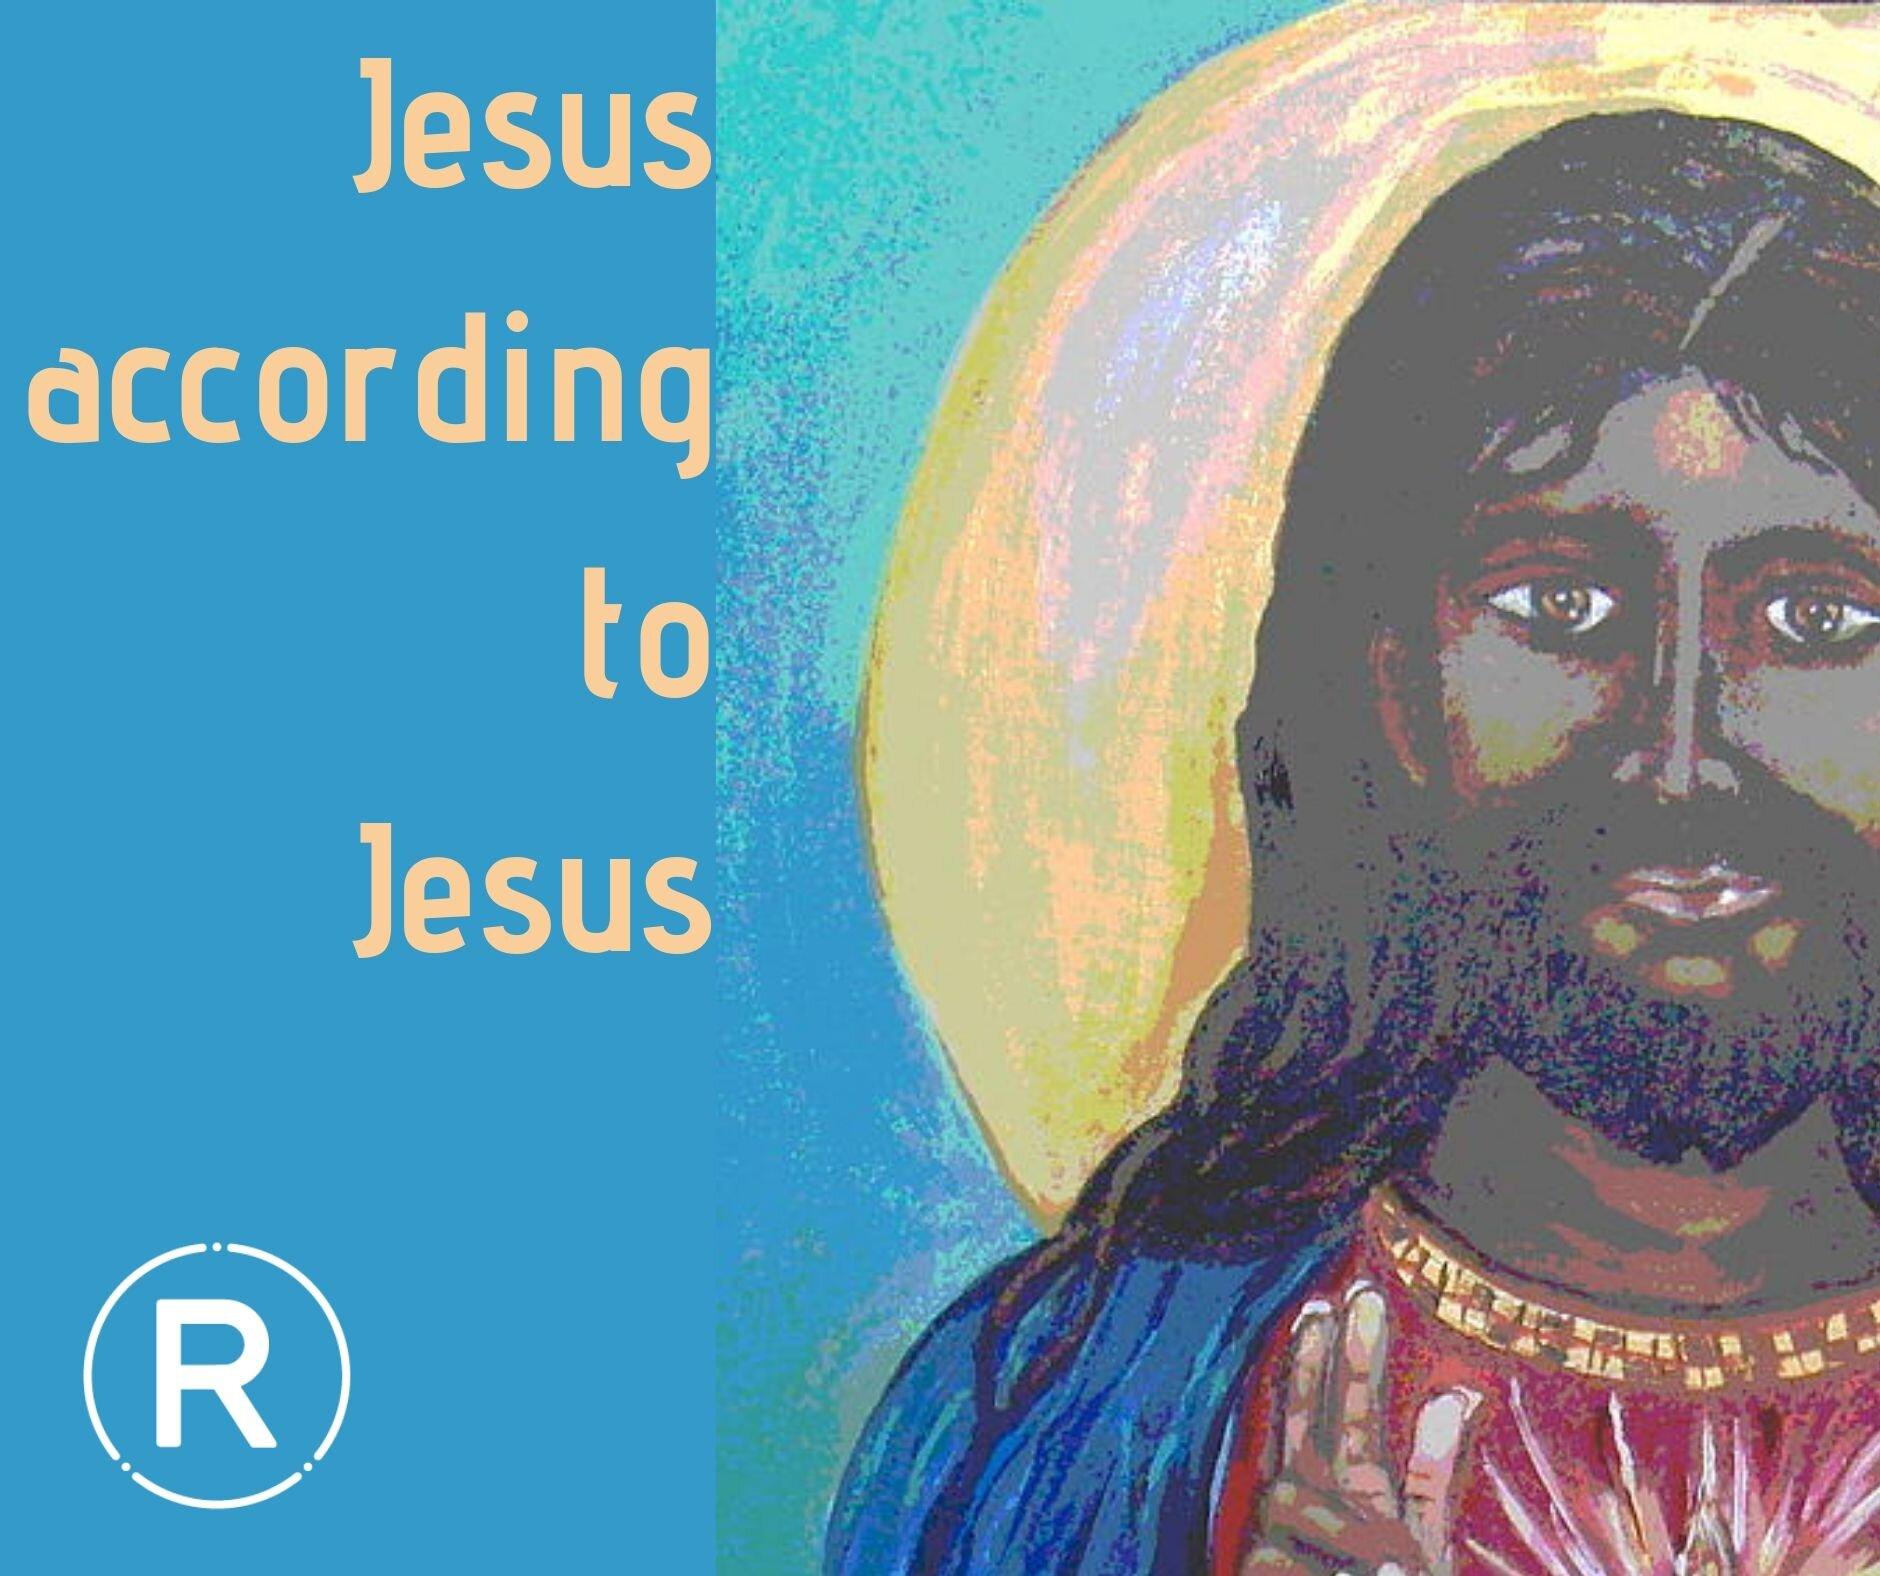 Jesus according to Jesus.jpg